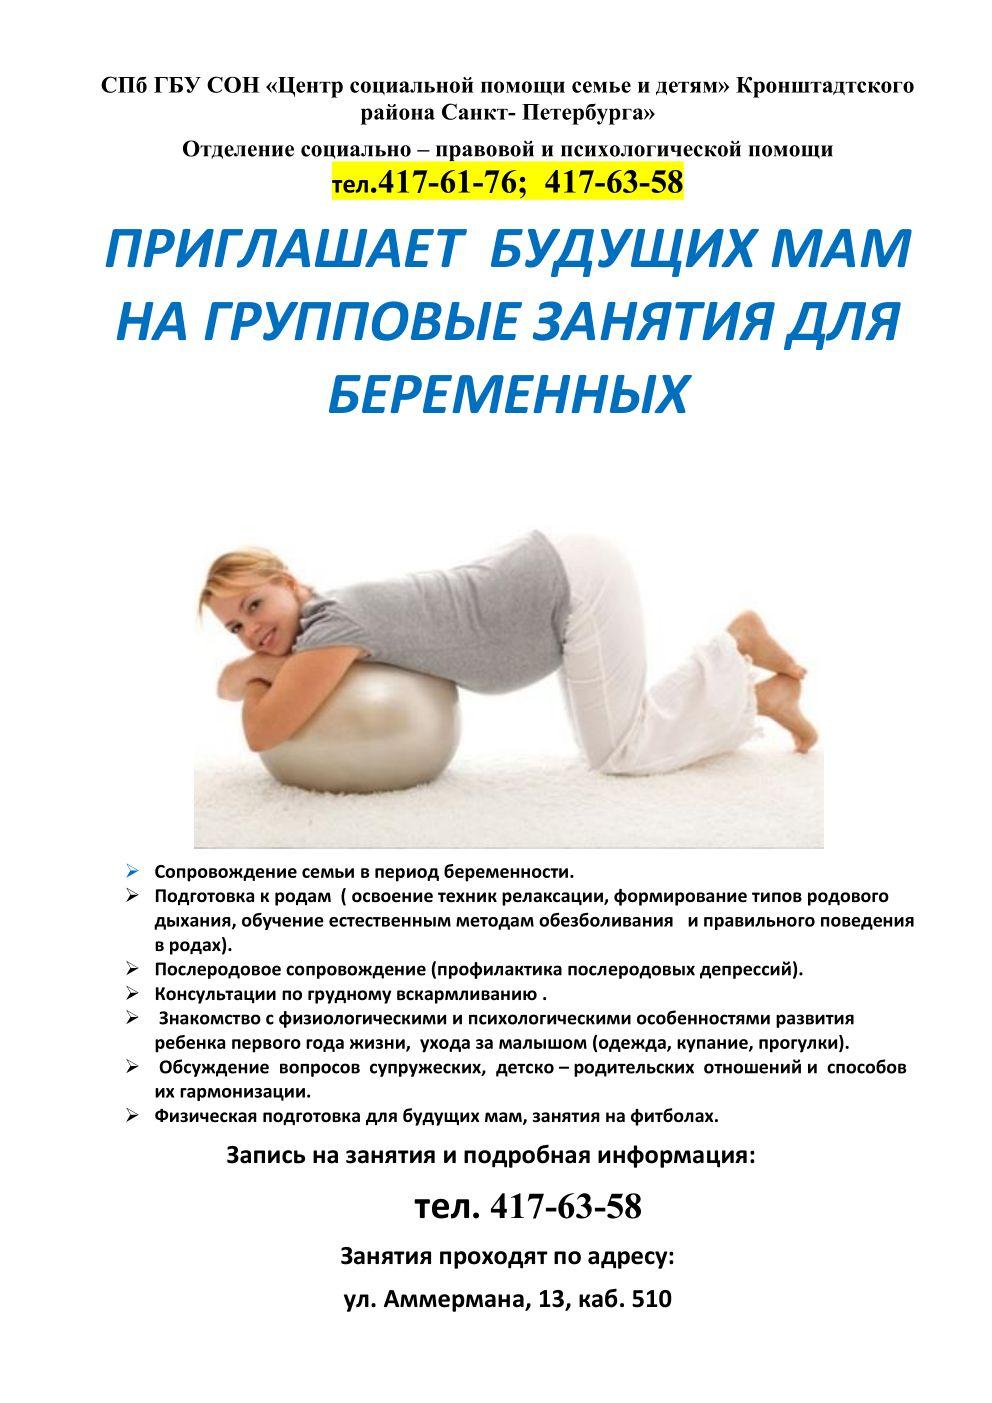 Для беременных групповые занятия